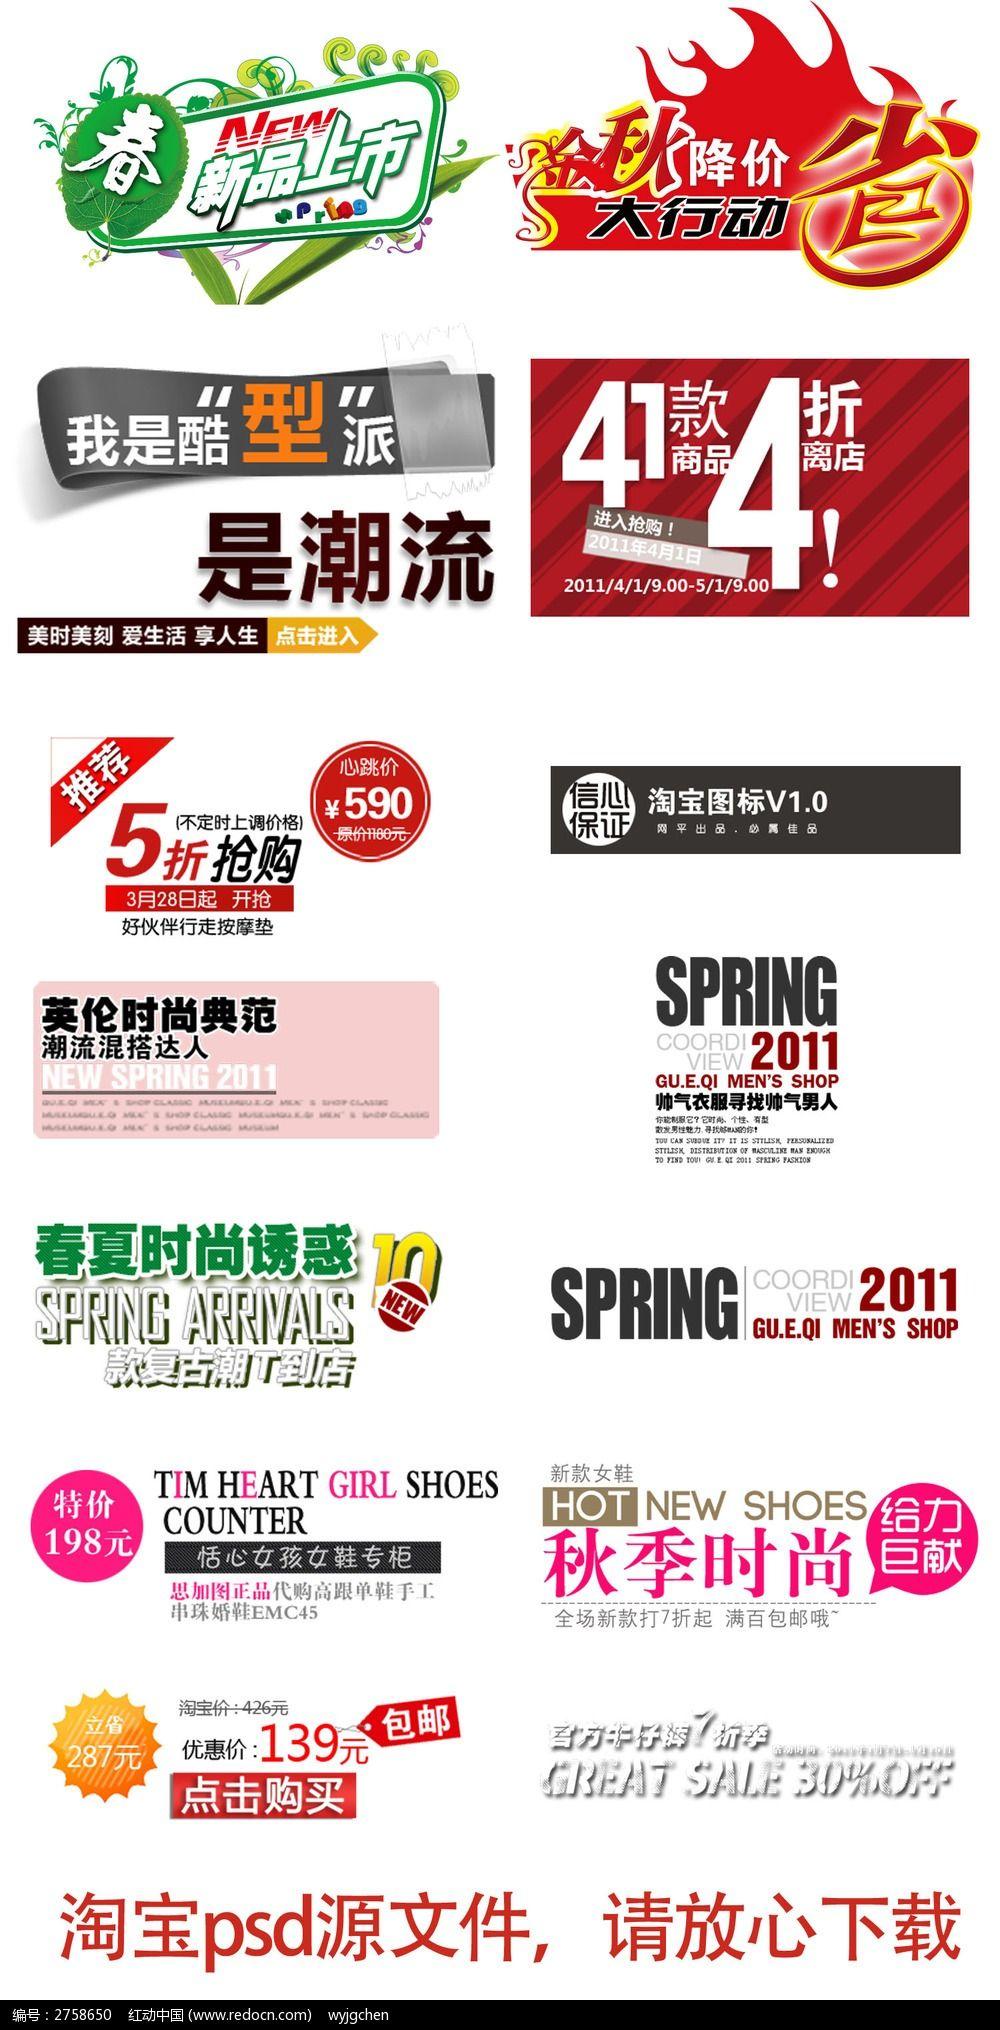 淘宝促销文字设计psd素材下载_淘宝图标|水印设计图片